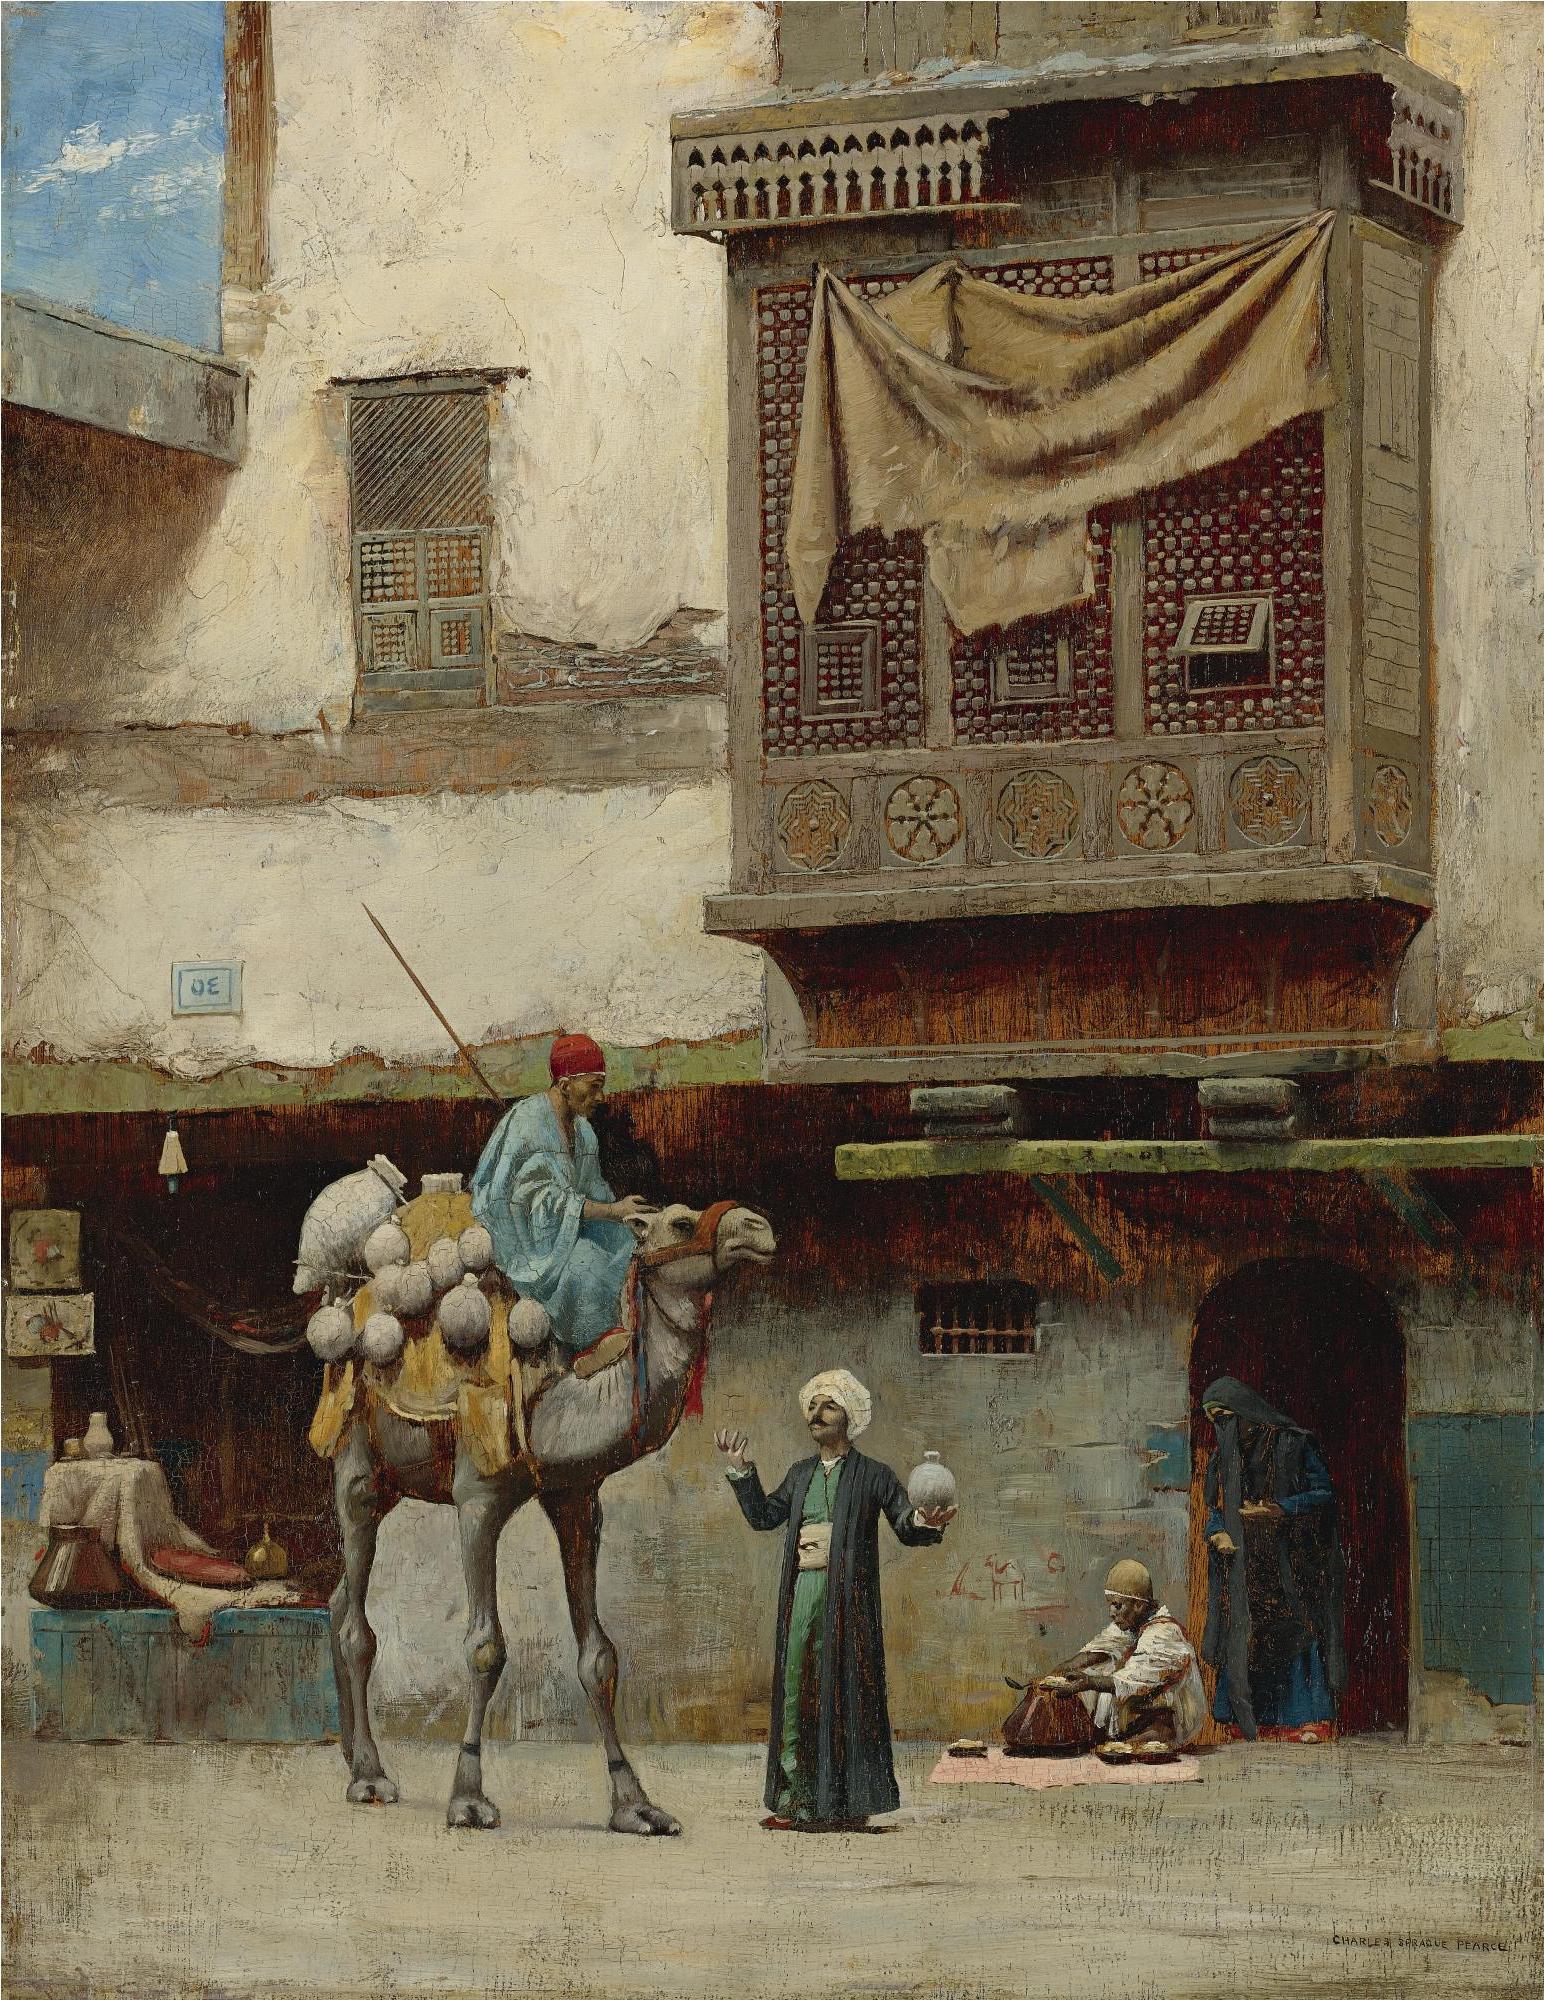 Al Sprague Painting Images